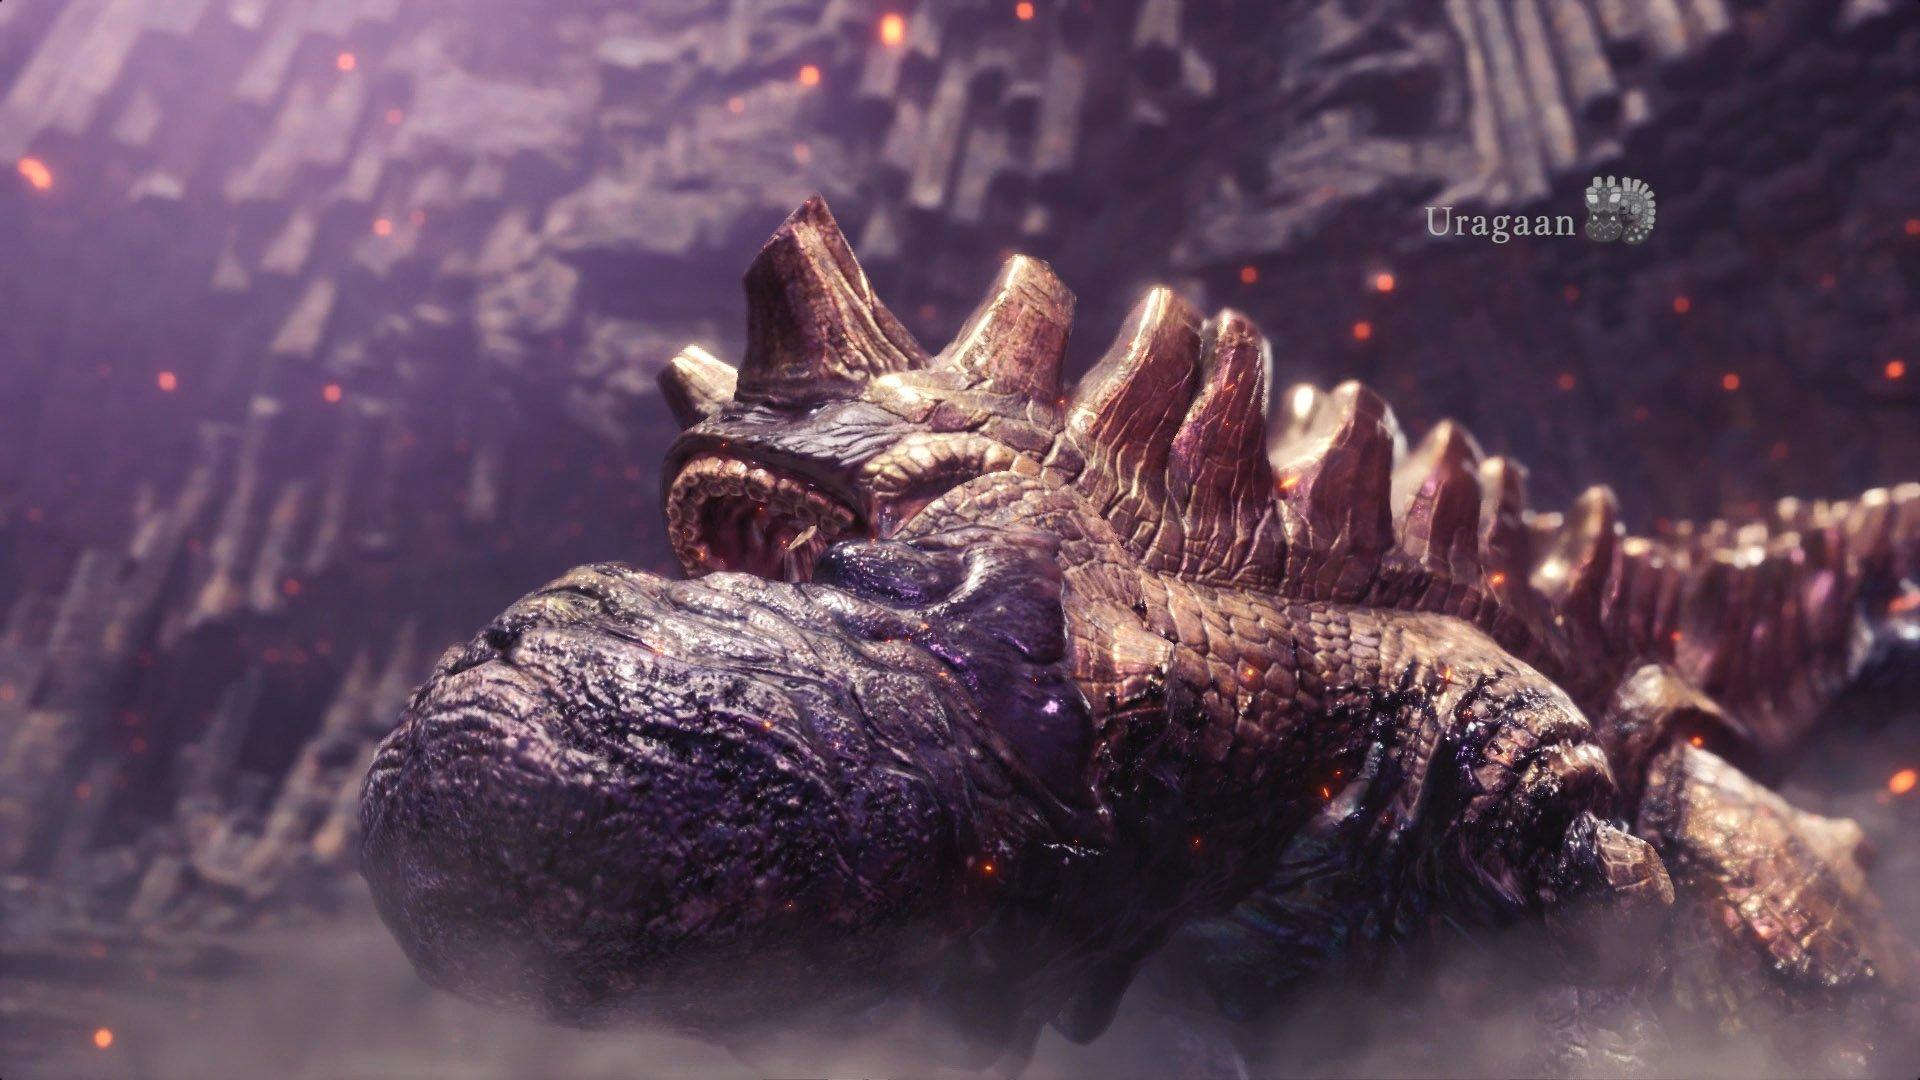 monster hunter world uragaan sight all monsters elders recess